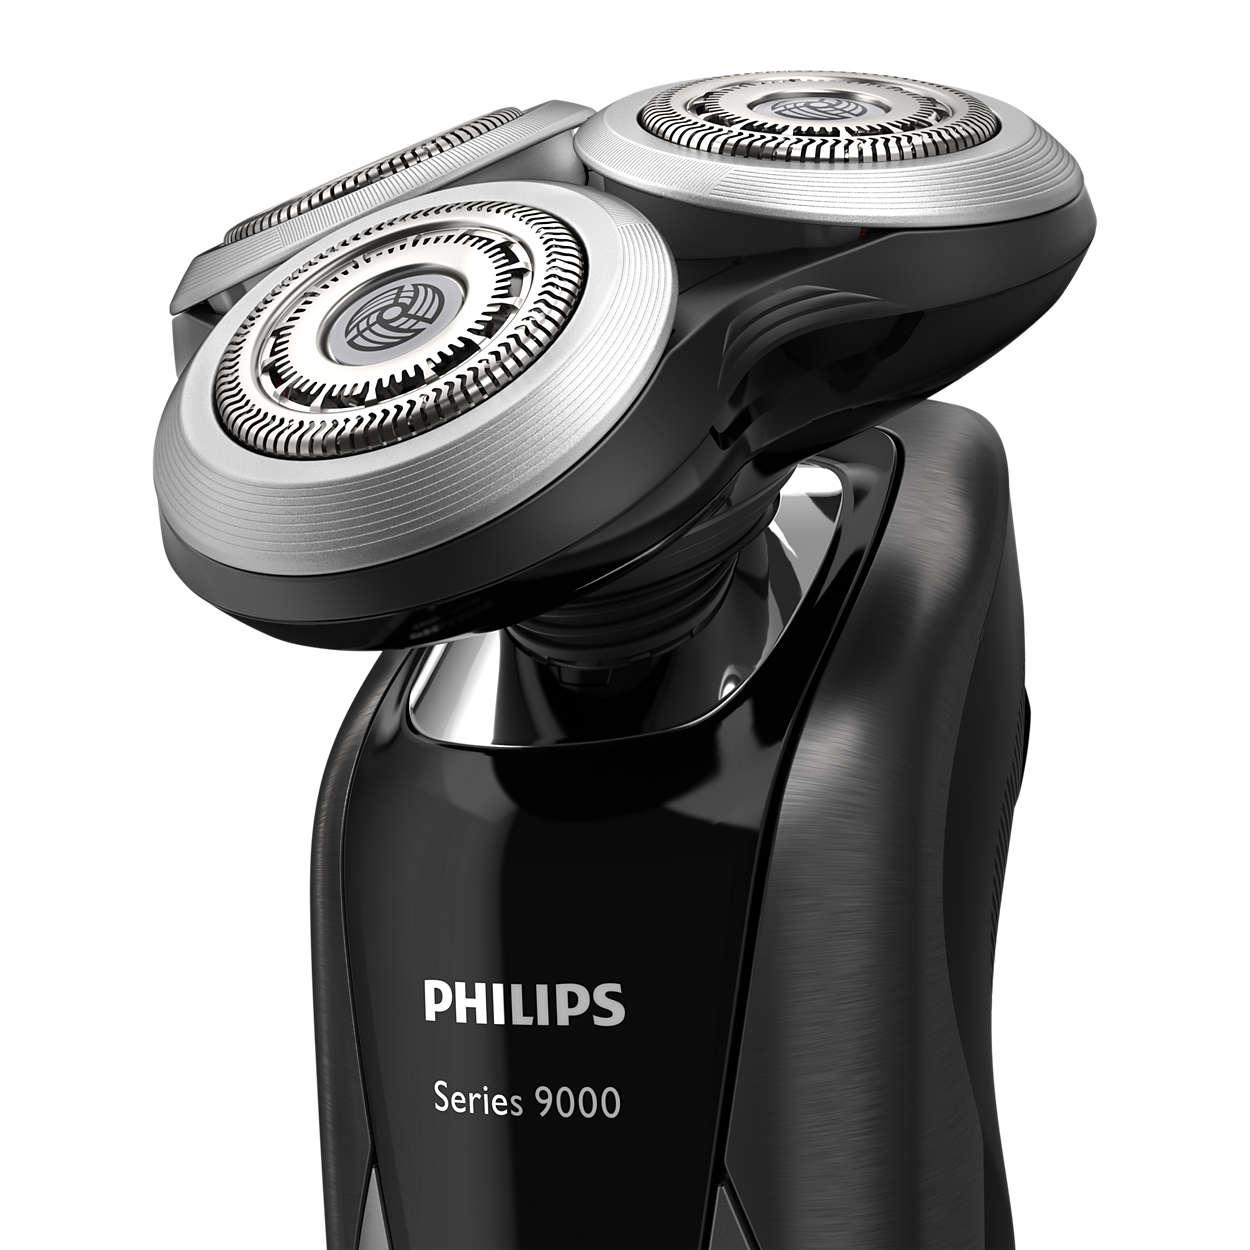 Επαναφέρετε την ξυριστική σας μηχανή στην αρχική της κατάσταση